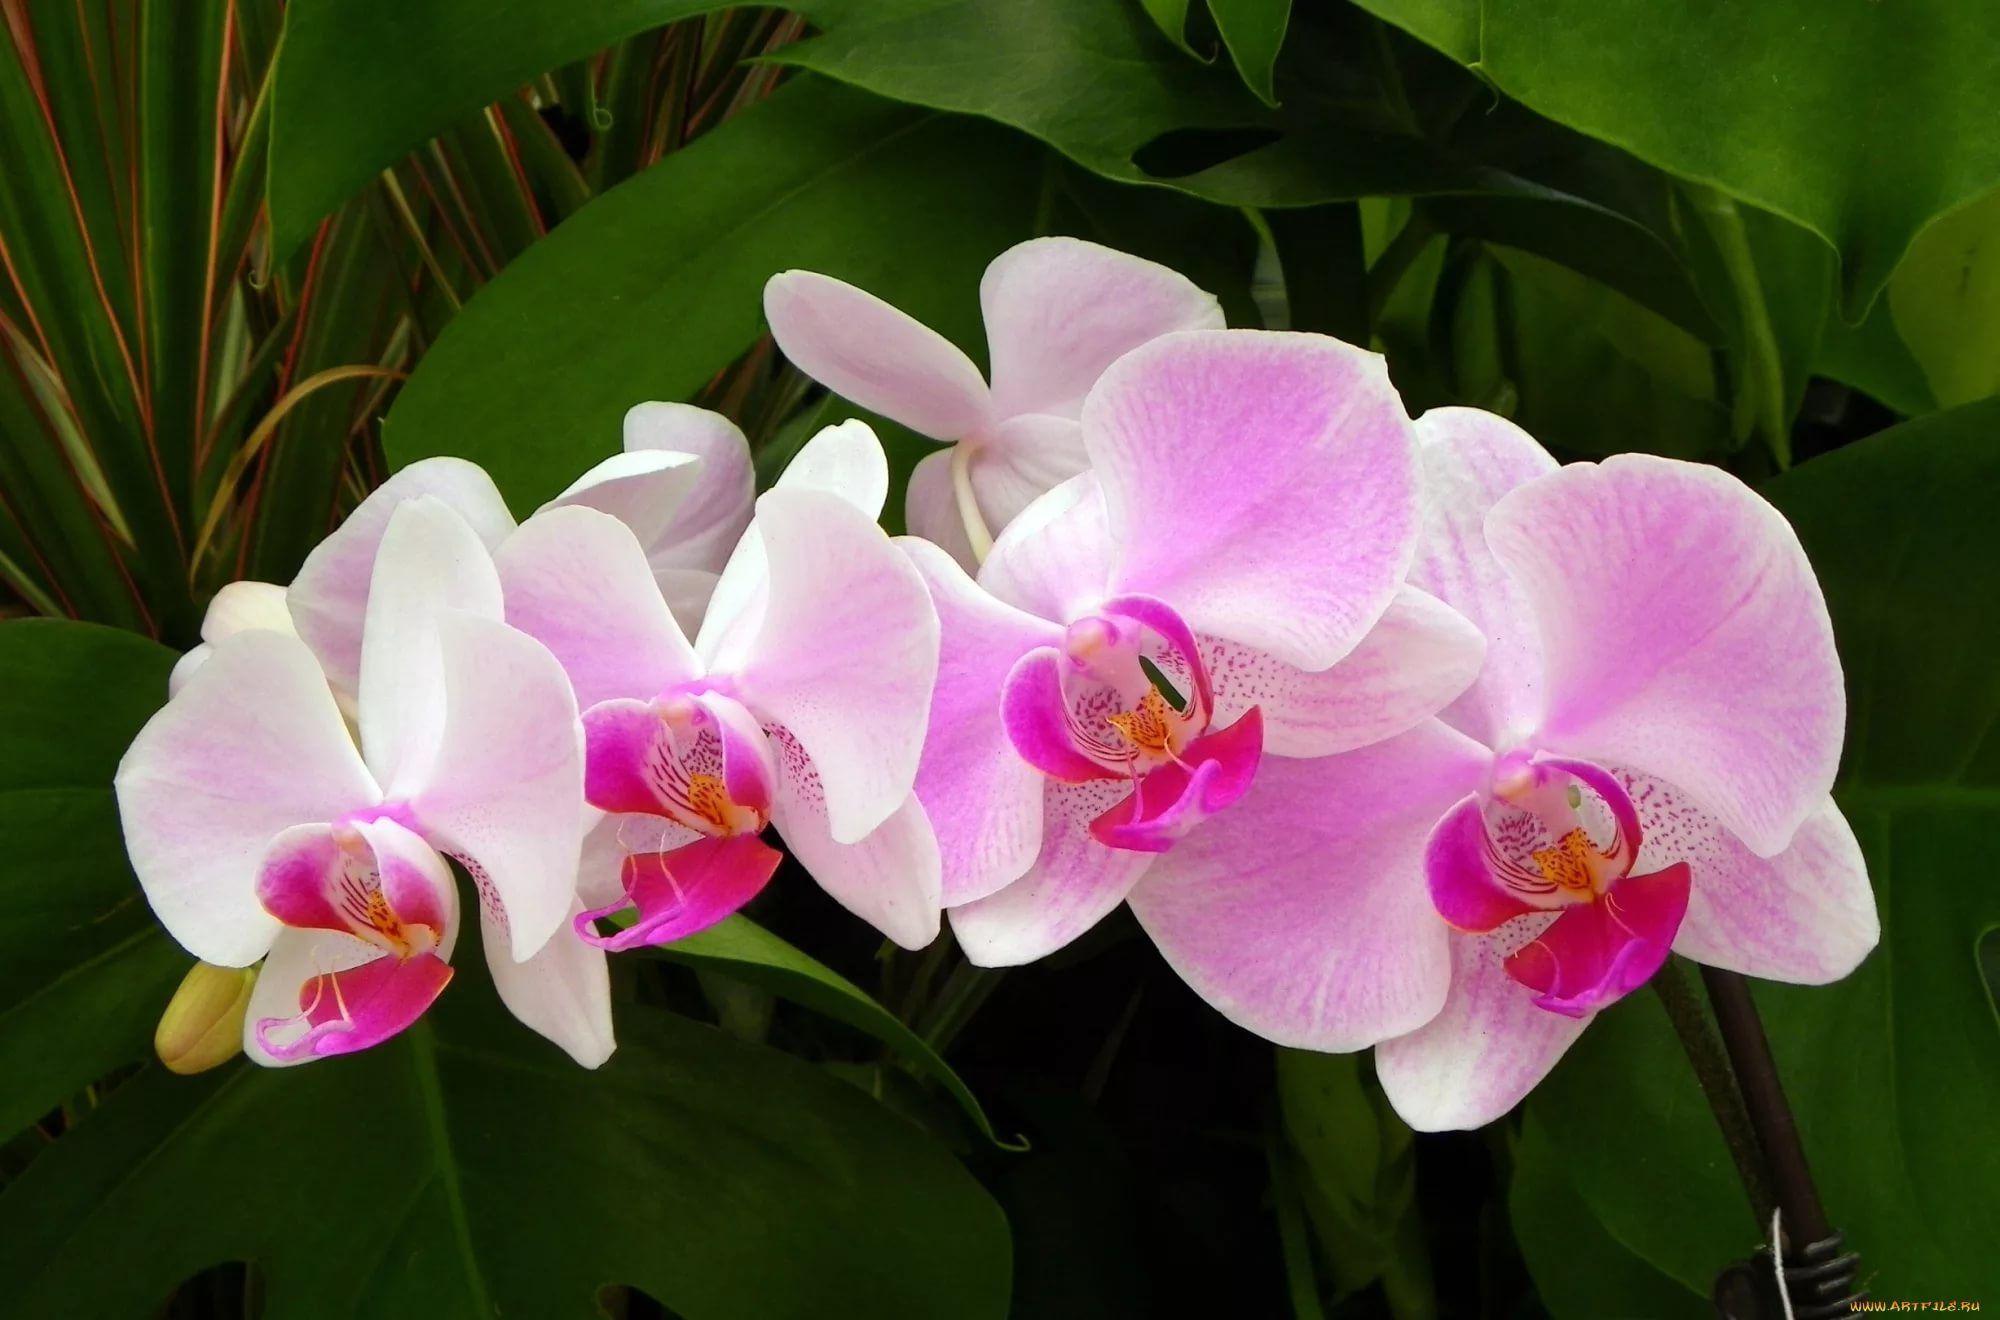 это, хотел фото орхидей с хорошим разрешением предпочитаете